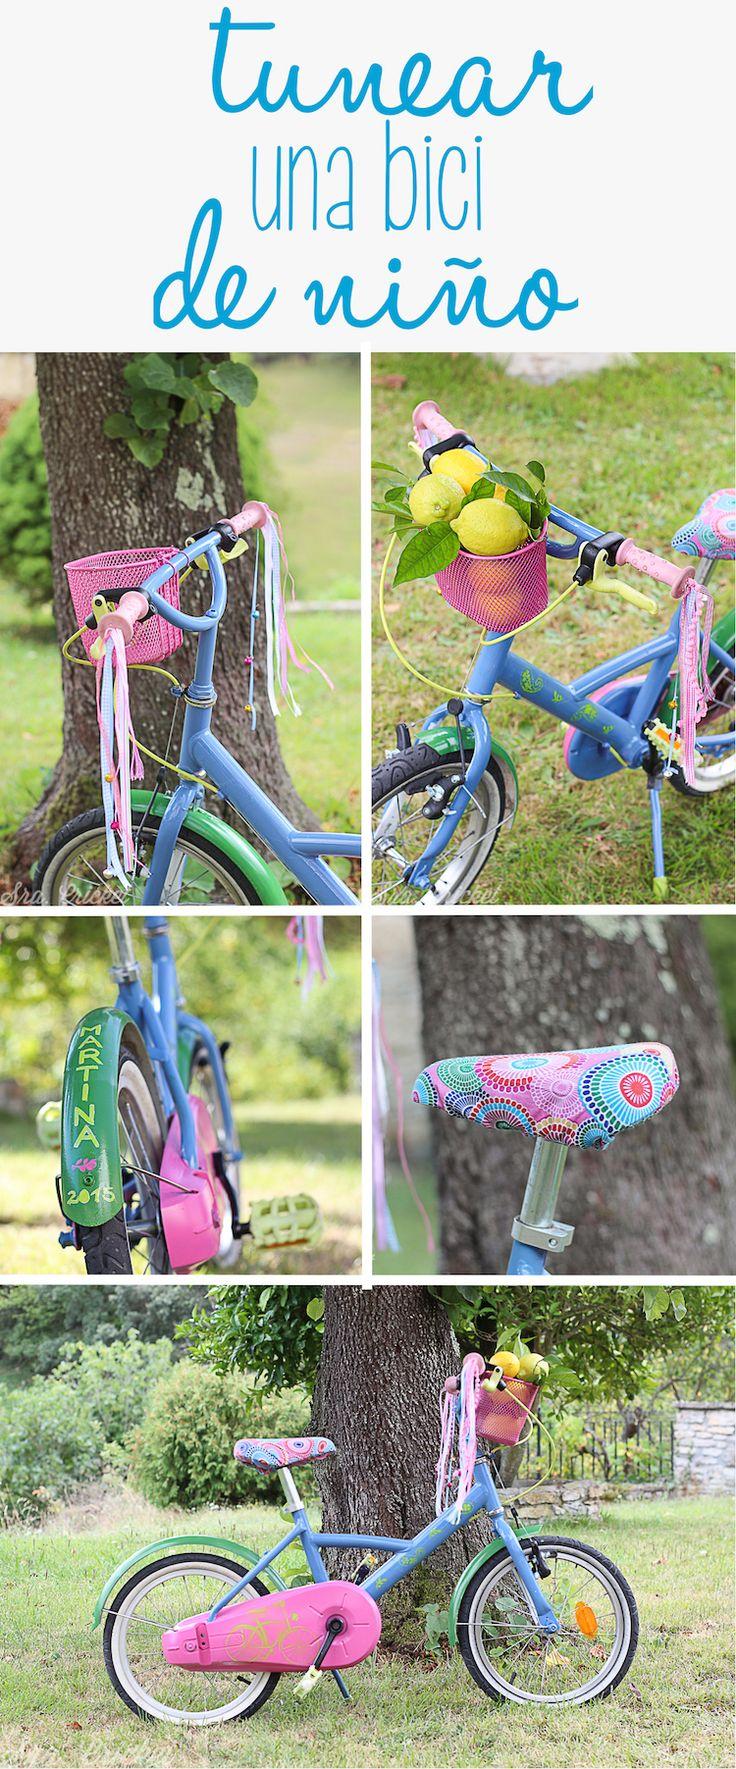 die besten 25 pintar bicicleta ideen auf pinterest como pintar bicicleta fahrrad malerei und. Black Bedroom Furniture Sets. Home Design Ideas